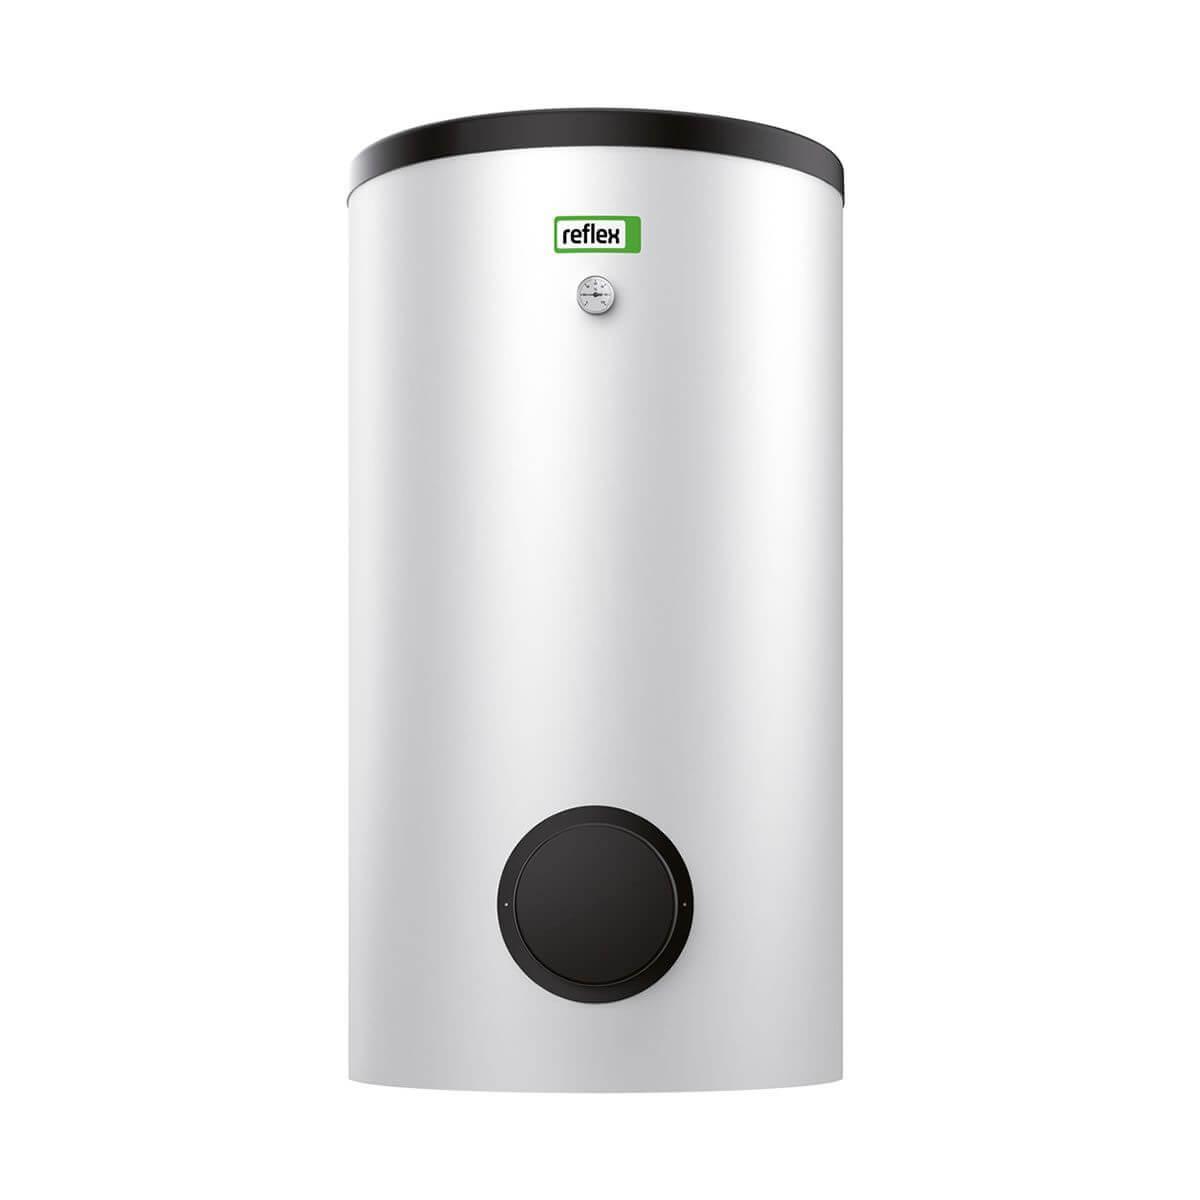 Standspeicher für Warmwasserbereitung 150 Liter | heima24.de